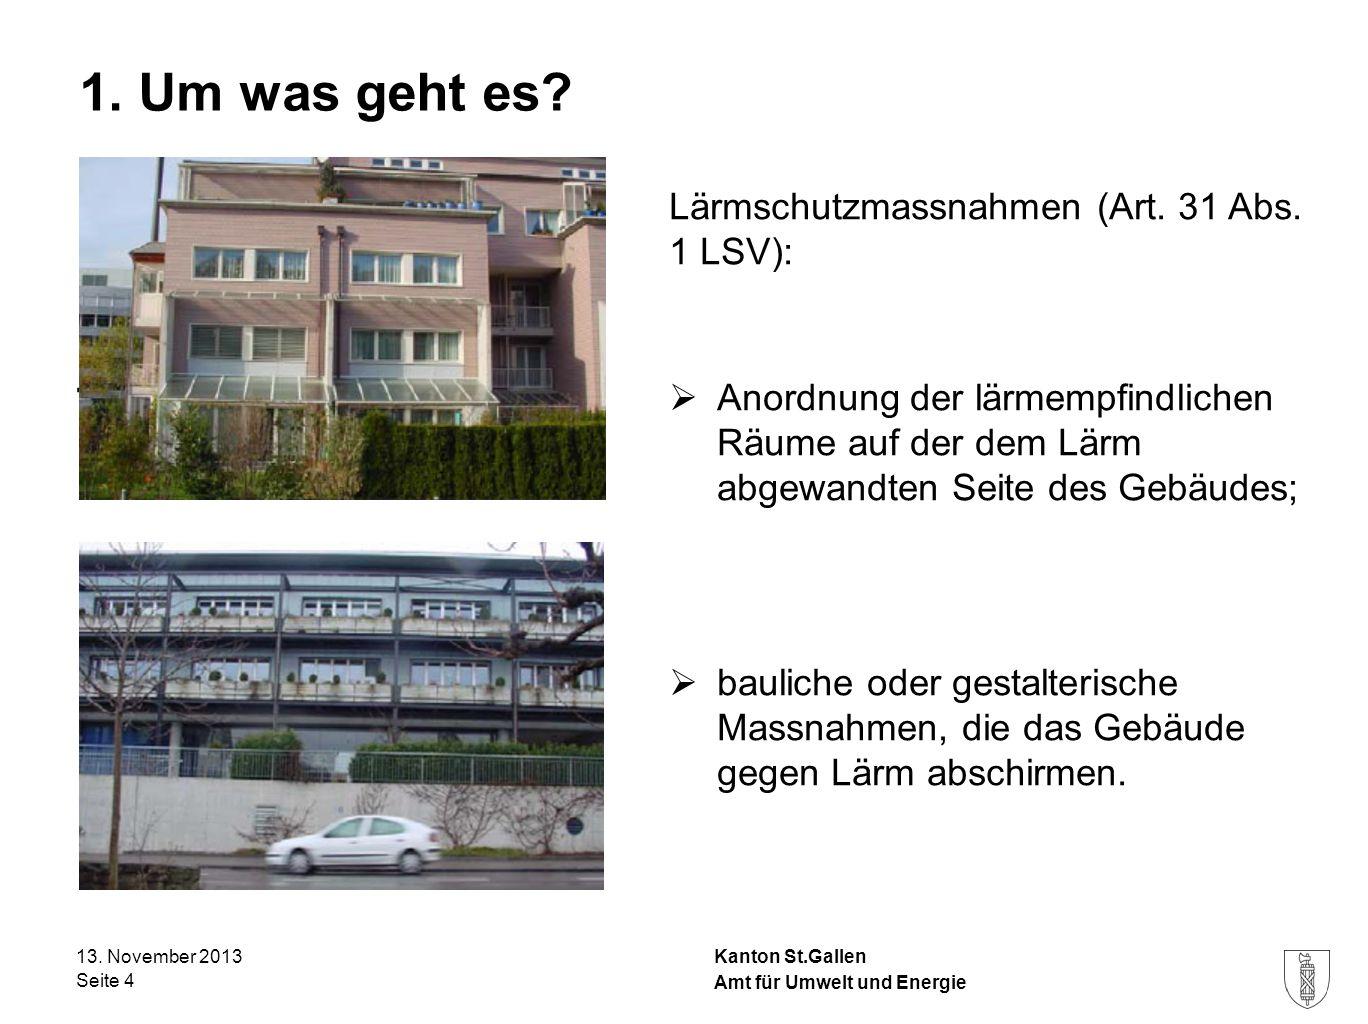 Kanton St.Gallen 1. Um was geht es? - Lärmschutzmassnahmen (Art. 31 Abs. 1 LSV): Anordnung der lärmempfindlichen Räume auf der dem Lärm abgewandten Se